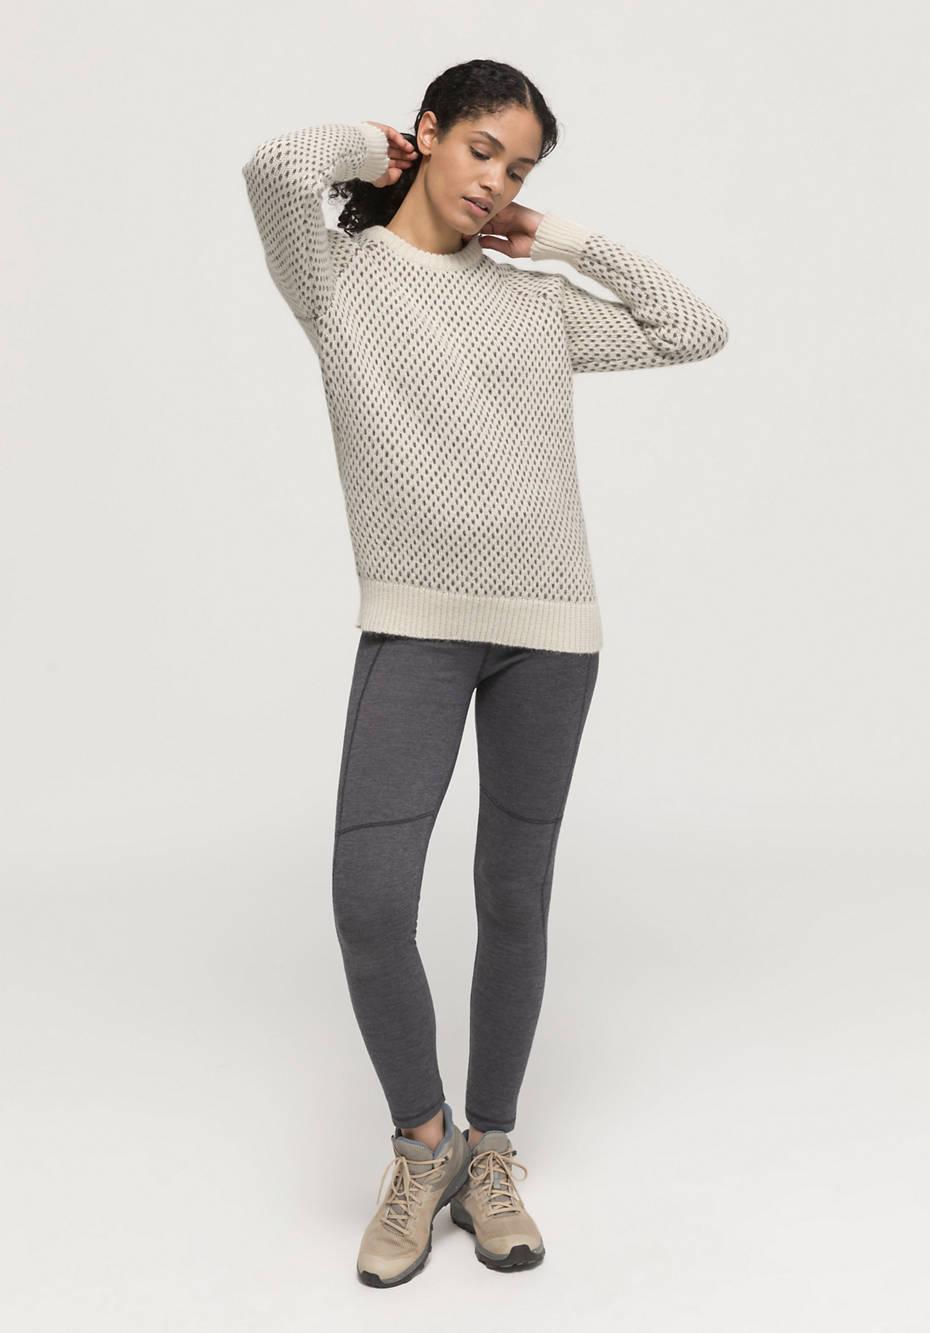 Limited by nature Outdoor-Pullover aus Alpaka mit Rhönwolle